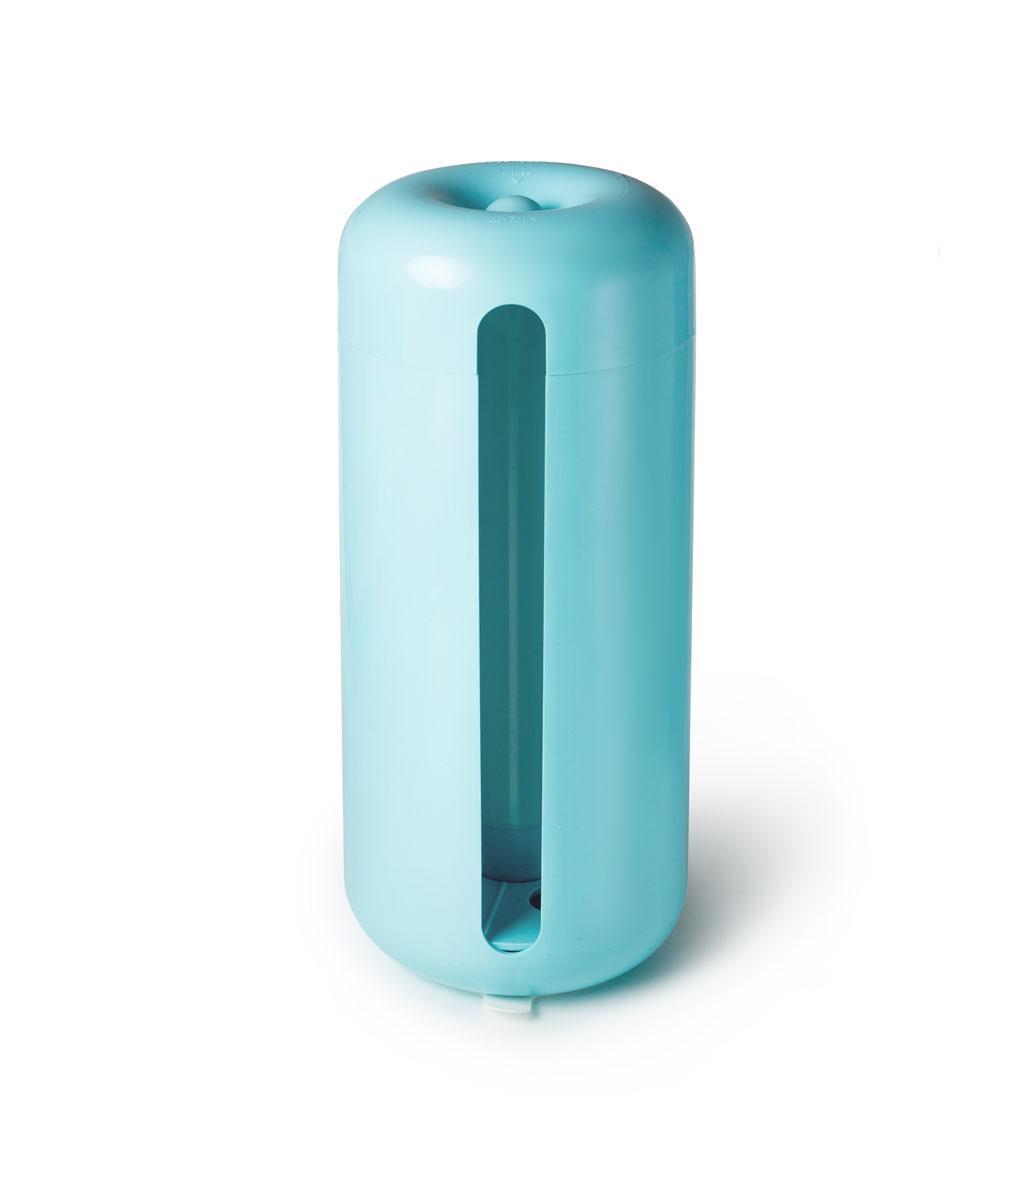 Держатель для бумажных полотенец Siliconezone, цвет: голубойSZ11-KS-11654-AAДержатель Siliconezone предназначен для бумажных полотенец большого размера. Благодаря тому, что бумажное полотенце аккуратно скрыто внутри держателя (но при этом легкодоступно), вид вашей кухни станет более лаконичным. Держатель полотенца крепится к столу при помощи скрытой на дне присоски. Также имеется уникальный регулируемый внутренний фиксатор полотенца.